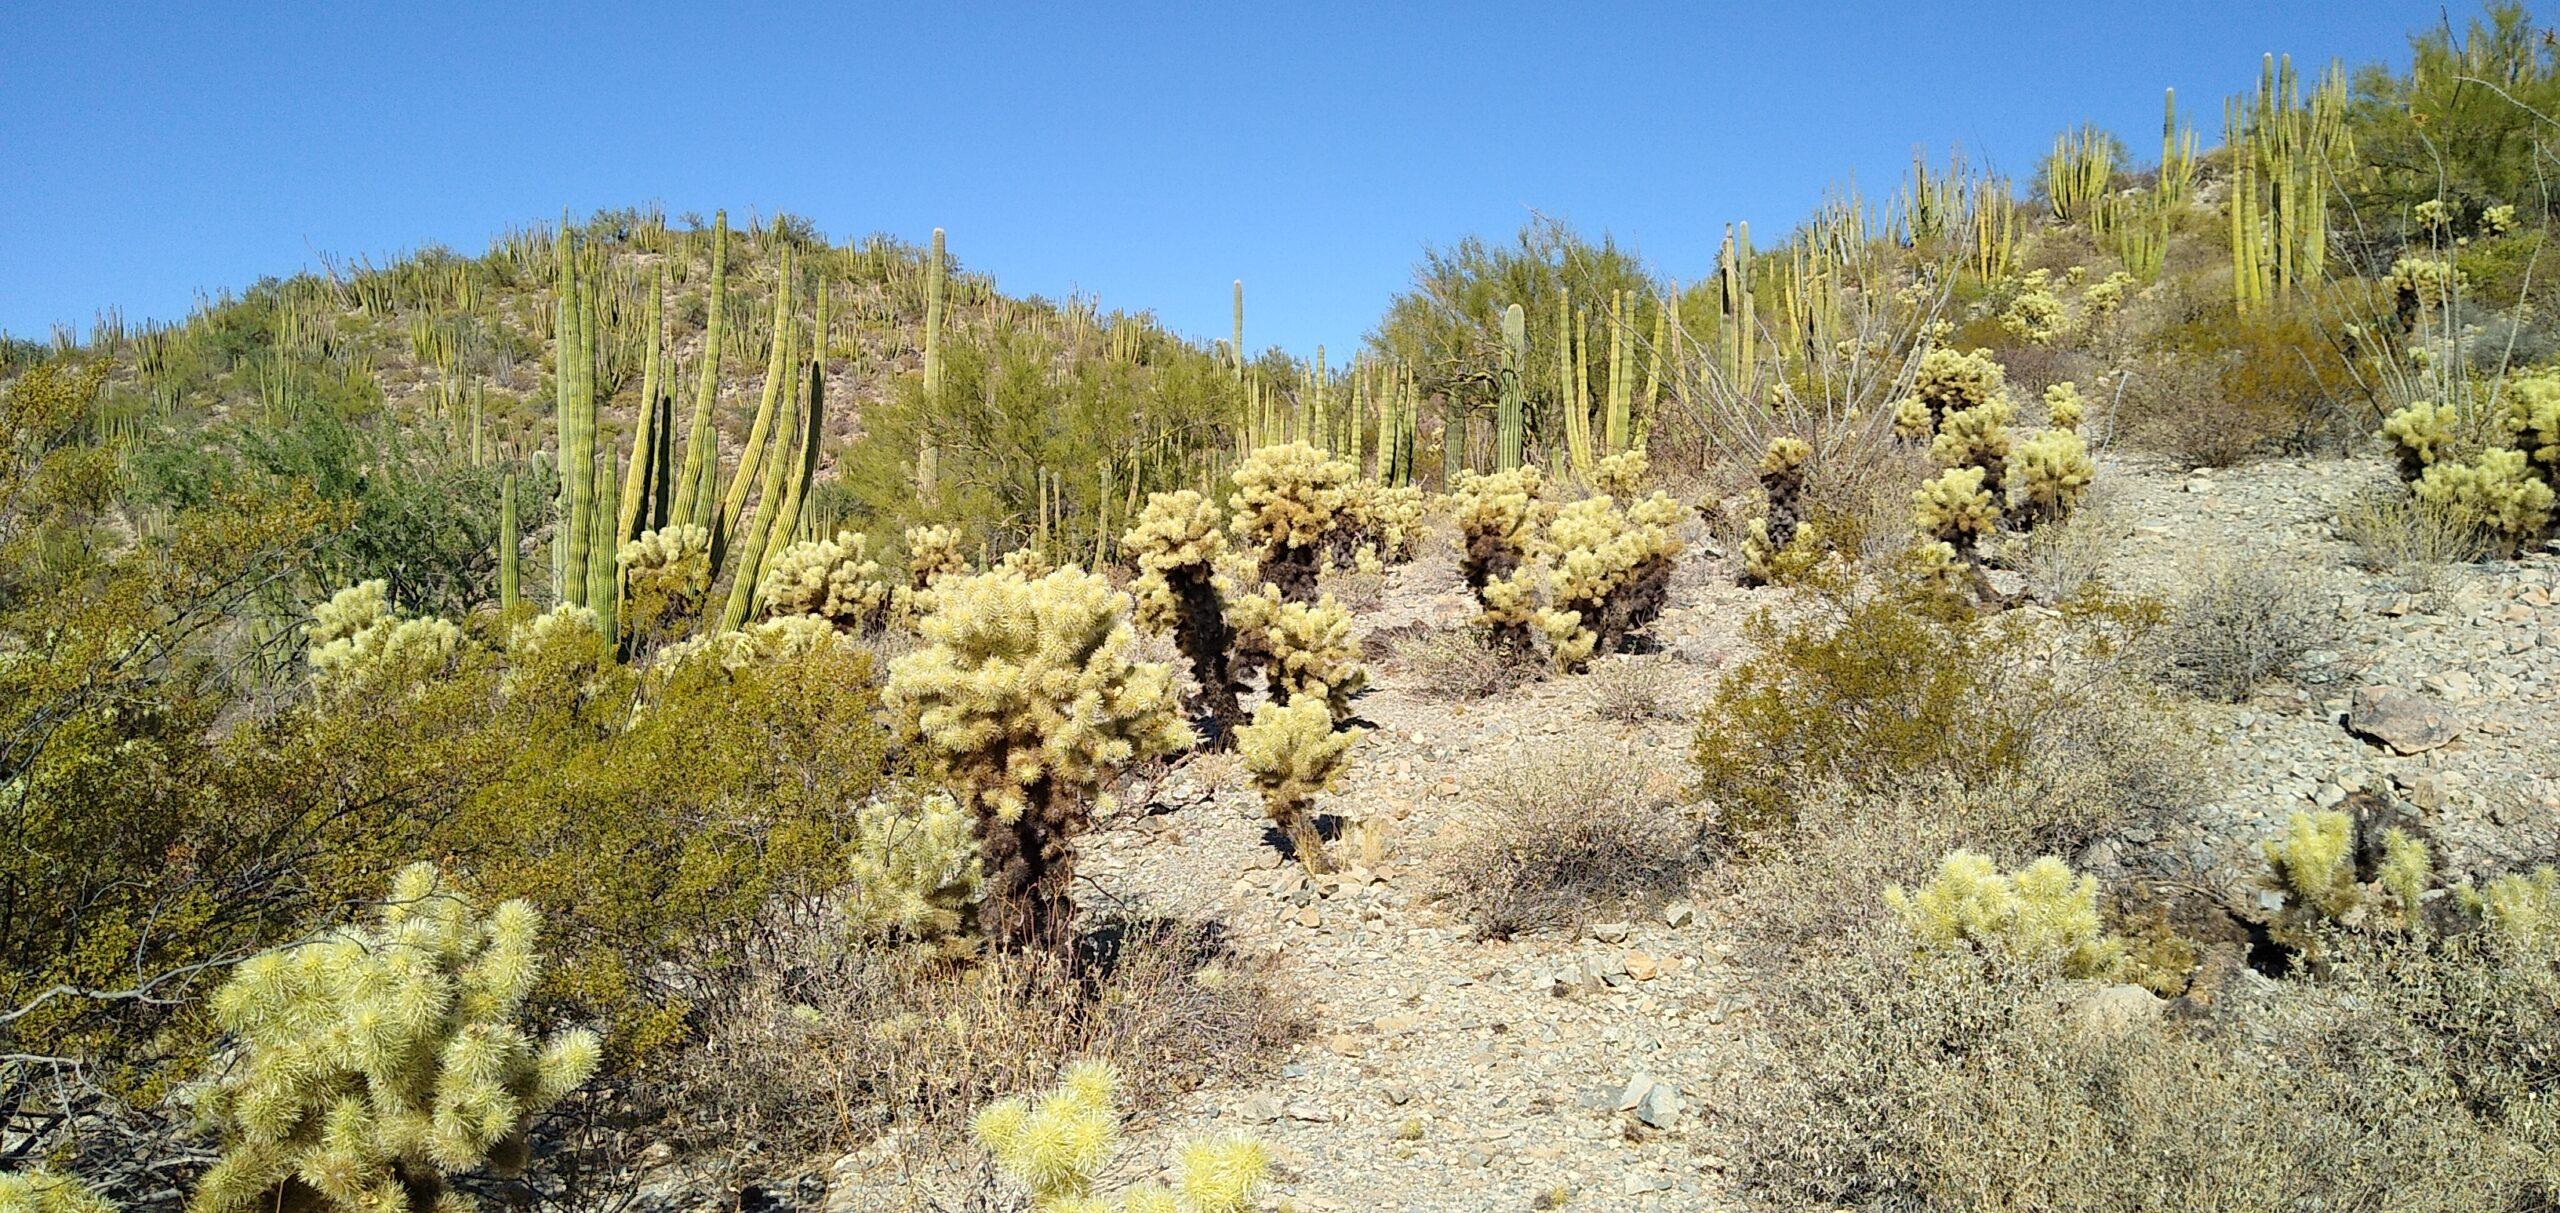 Organ Pipe and Cholla cacti